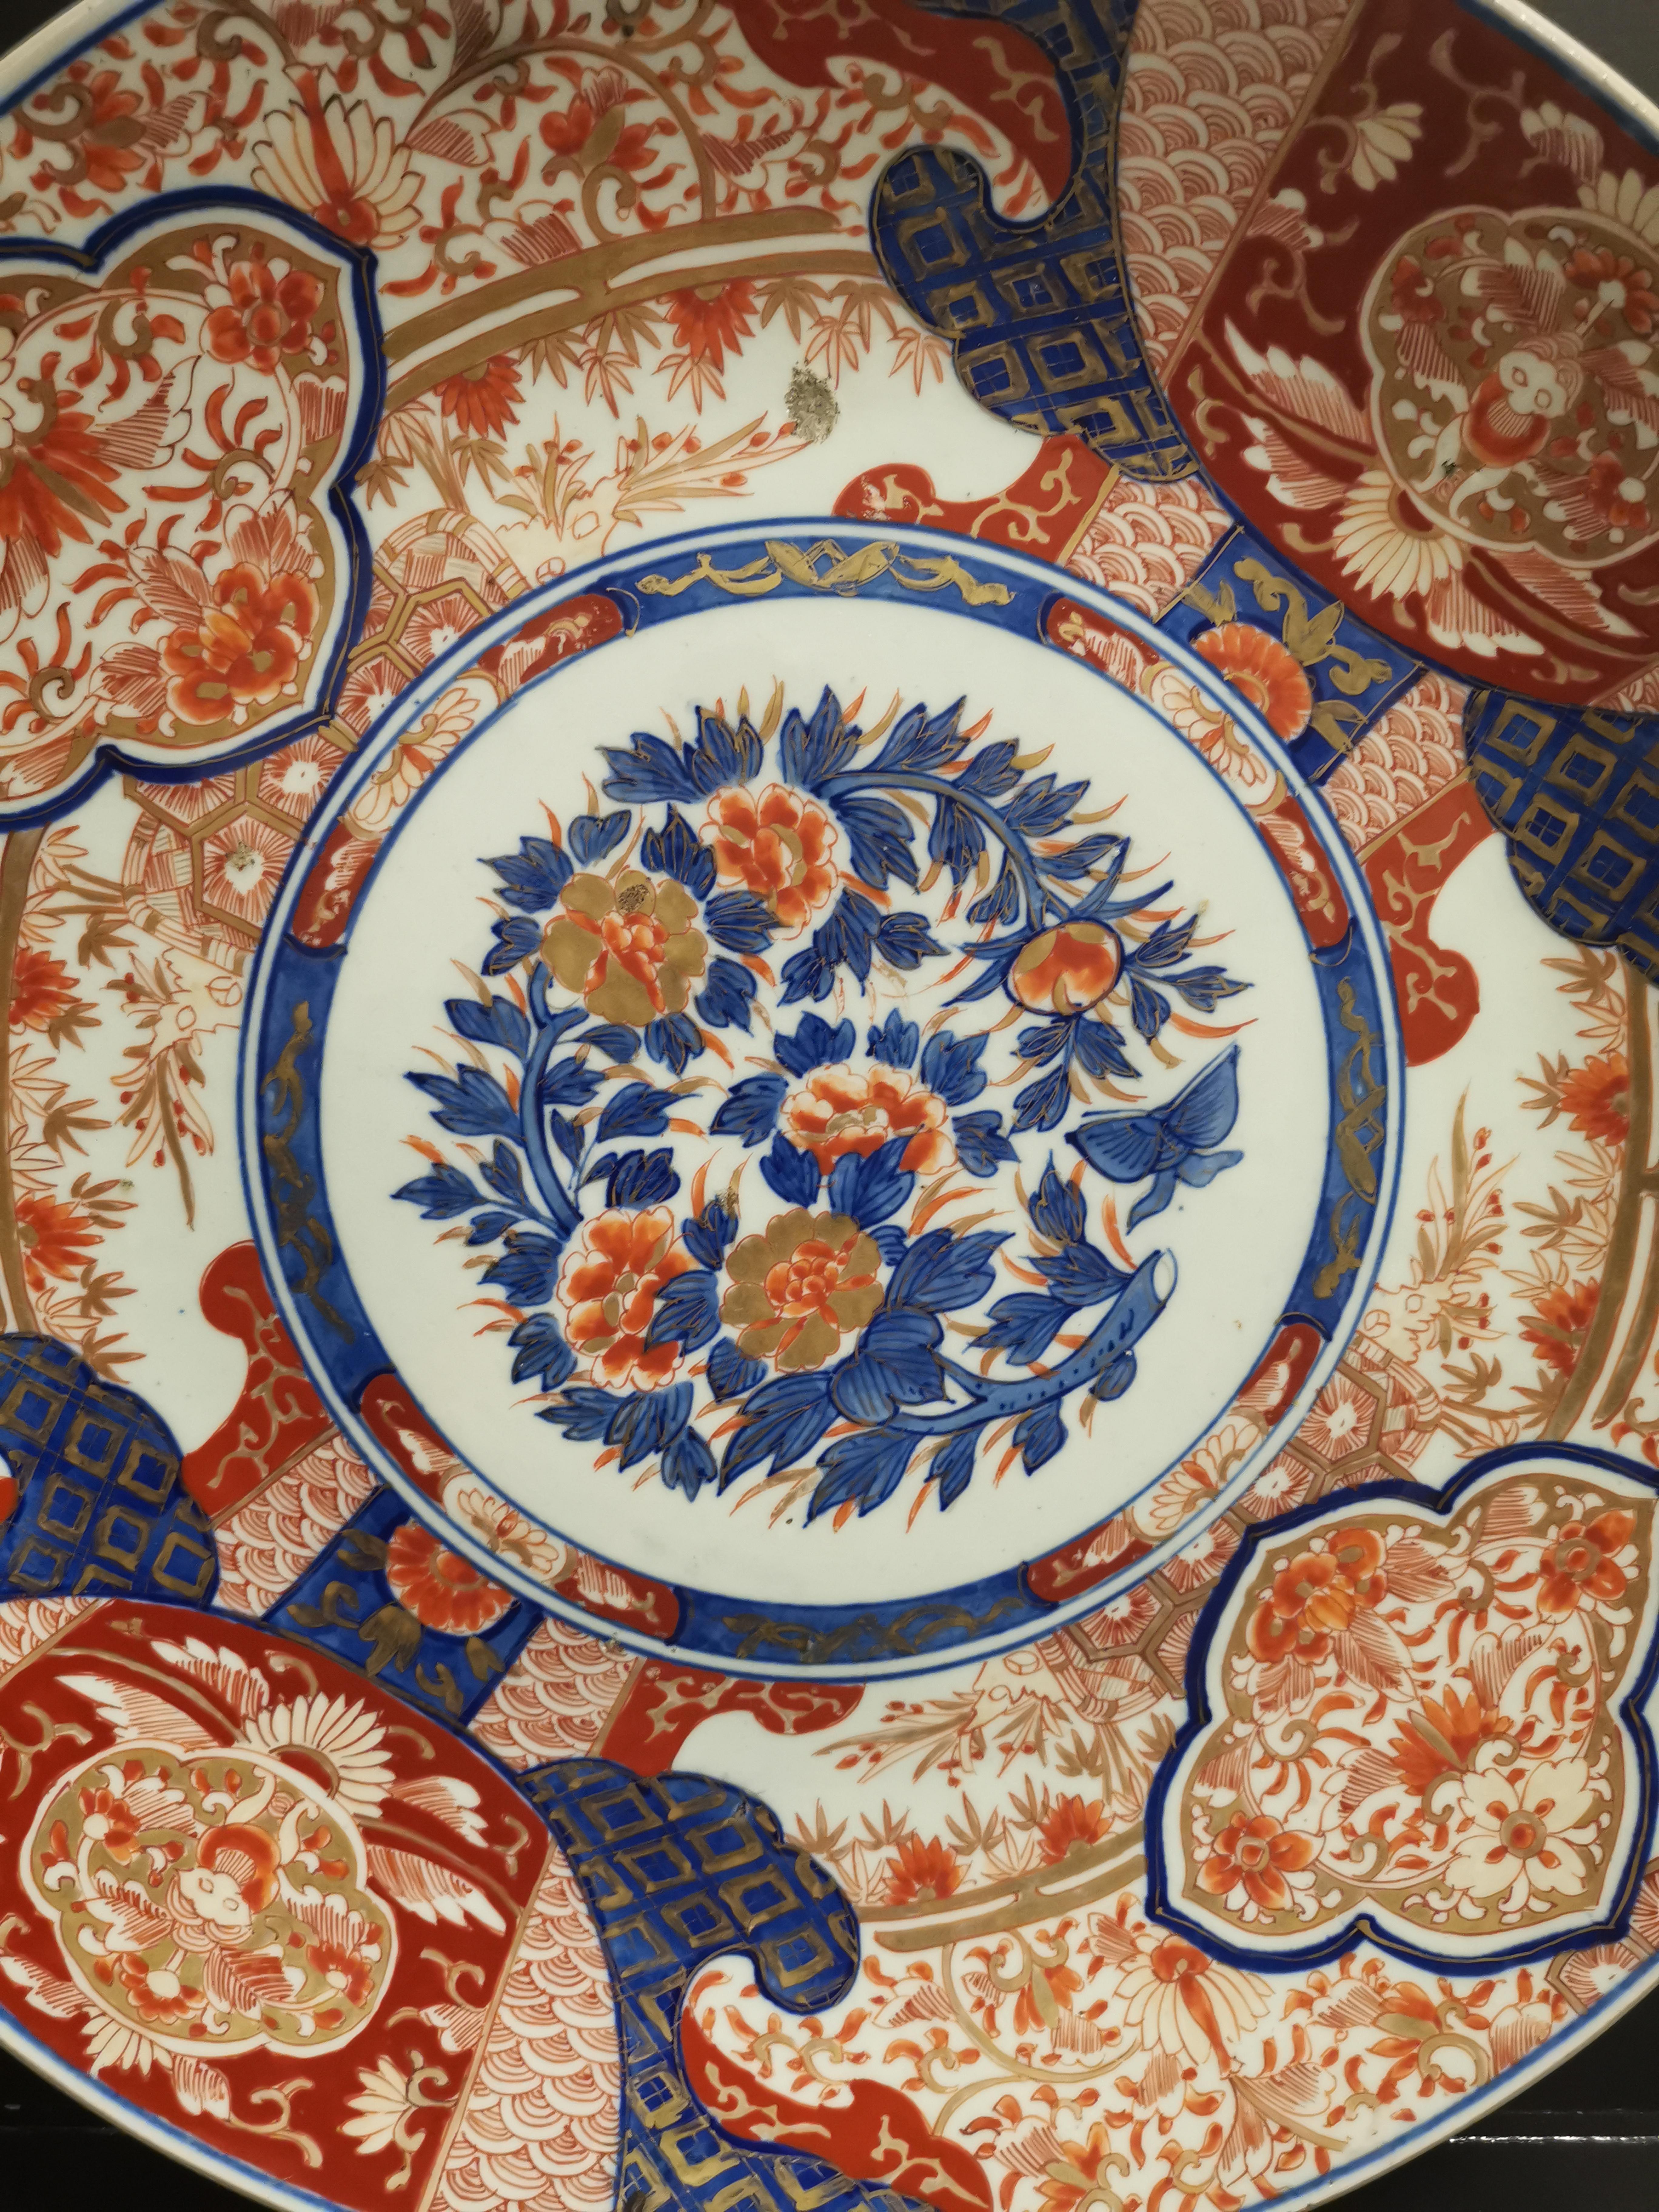 JAPON - Imari. Grand plat à décor rouge or et bleu d'un bouquet central et bordure [...] - Image 2 of 2